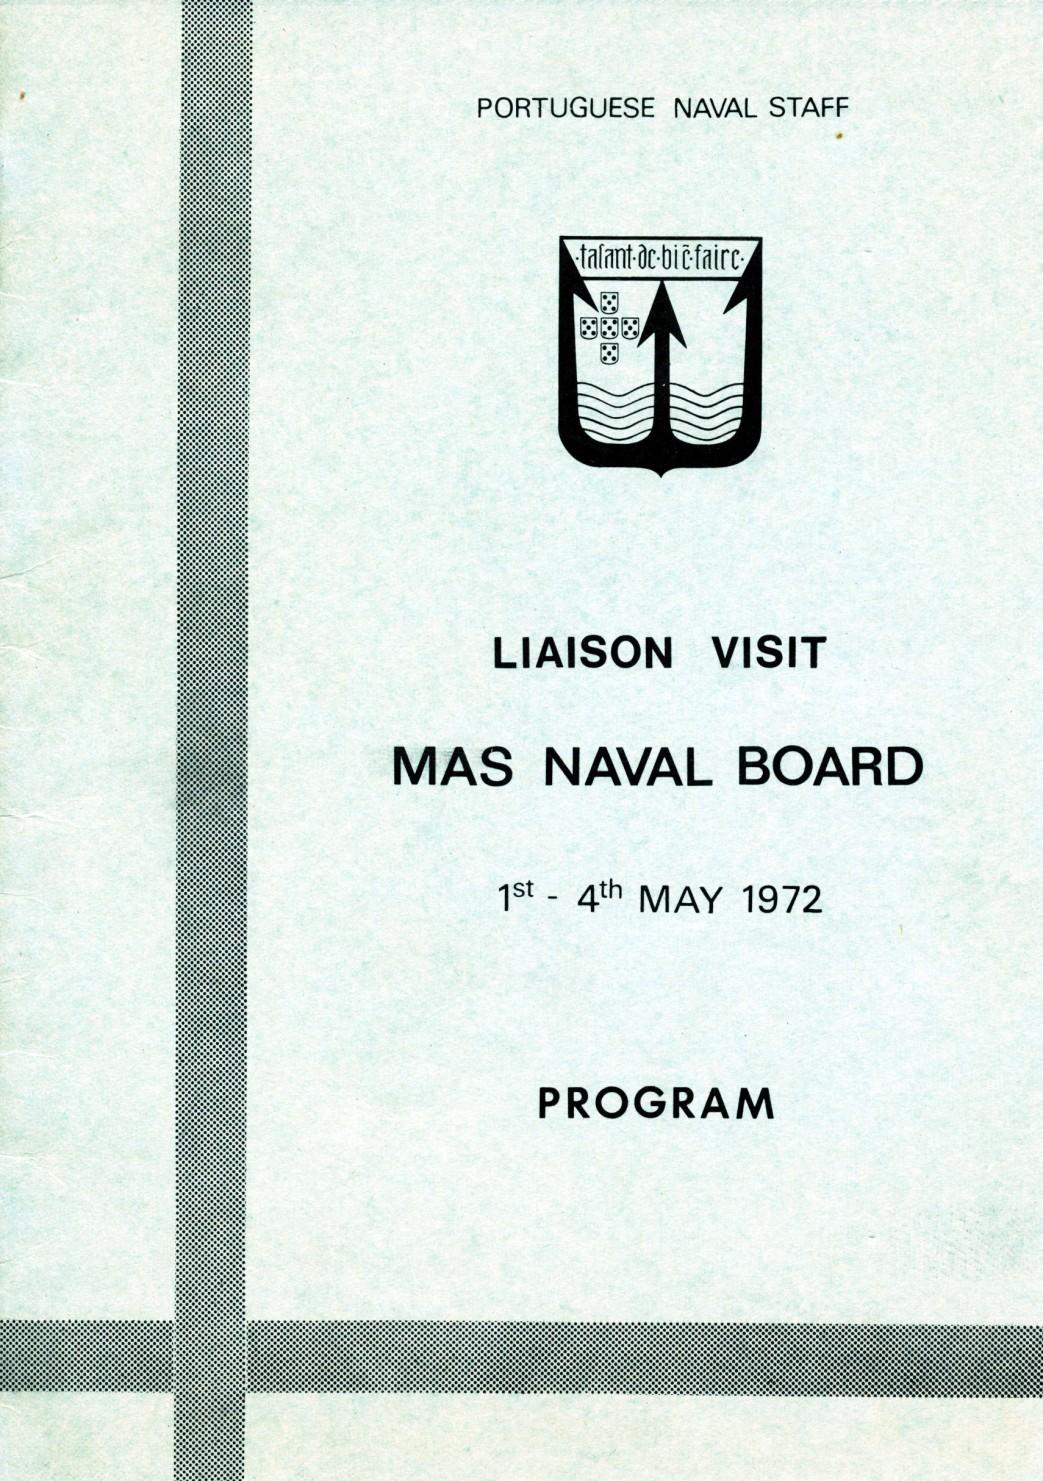 00611 972-05-01 Programa da visita do MAS Naval Board a Lisboa de 1 a 4-5-1972